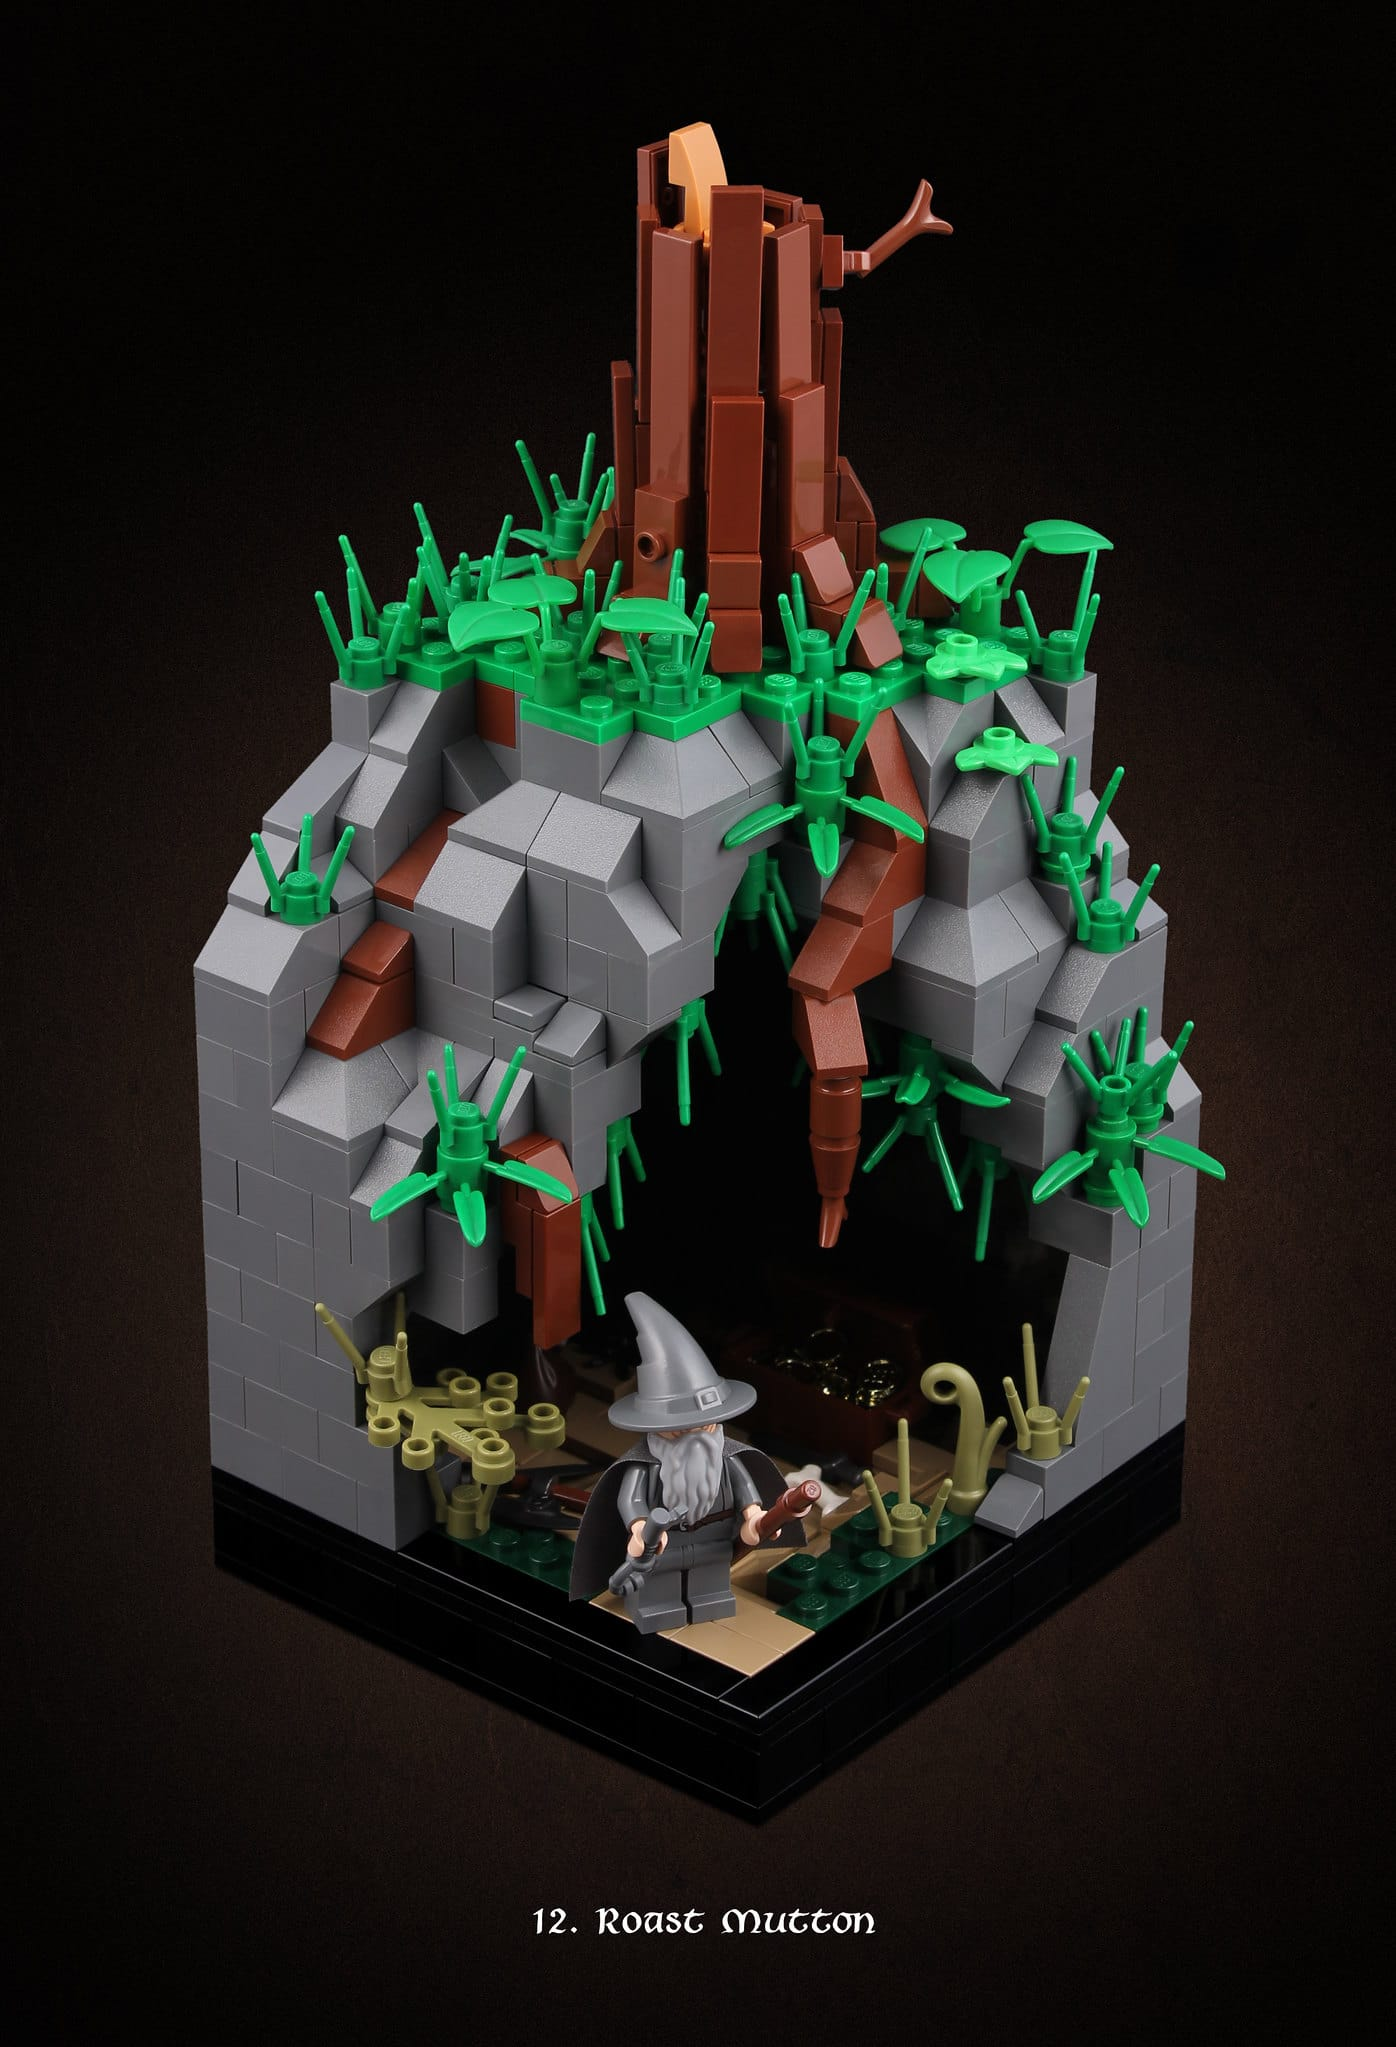 LEGO Hobbit Thorsten Bonsch Vignetten Serie (12)